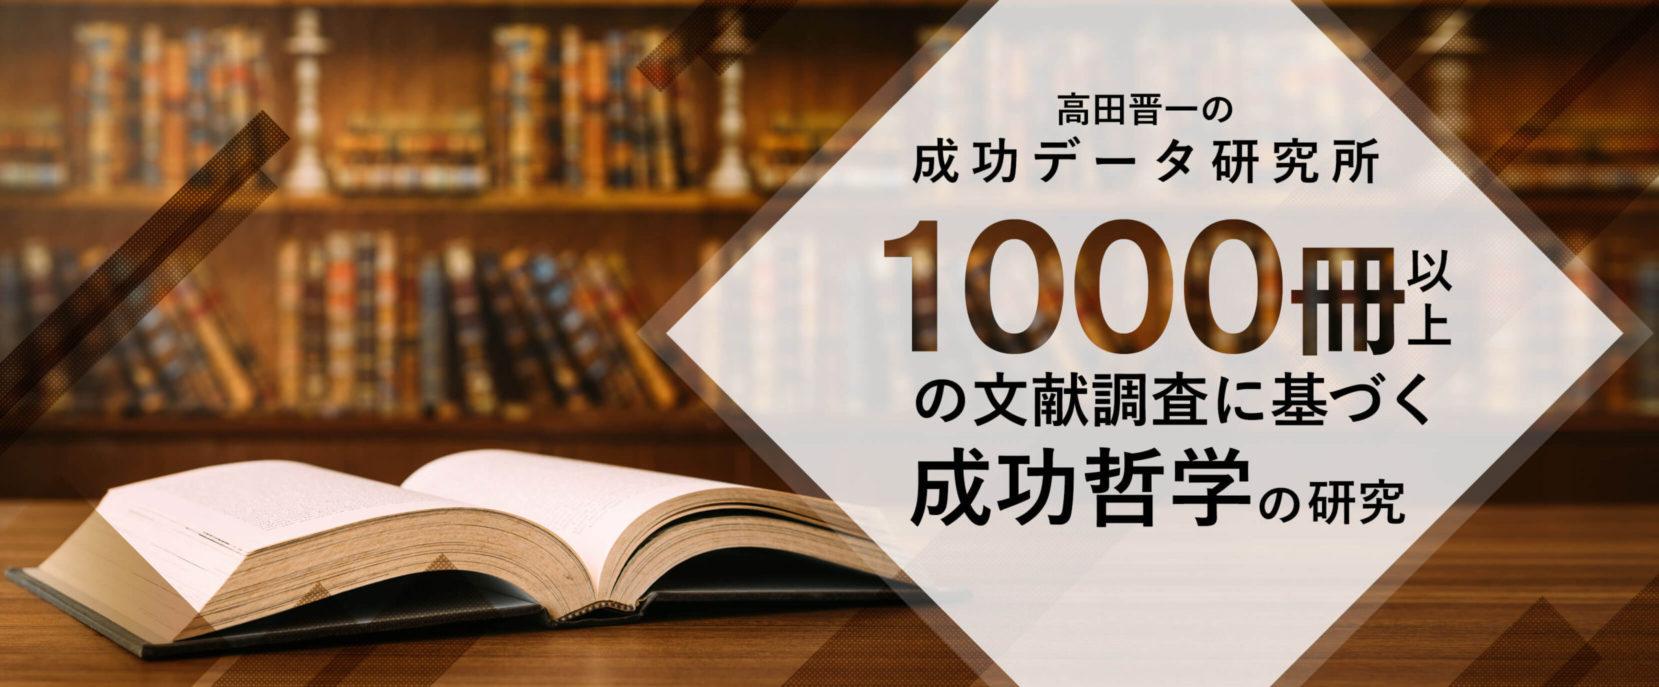 成功データ研究所 1000冊以上に基づく成功哲学の研究